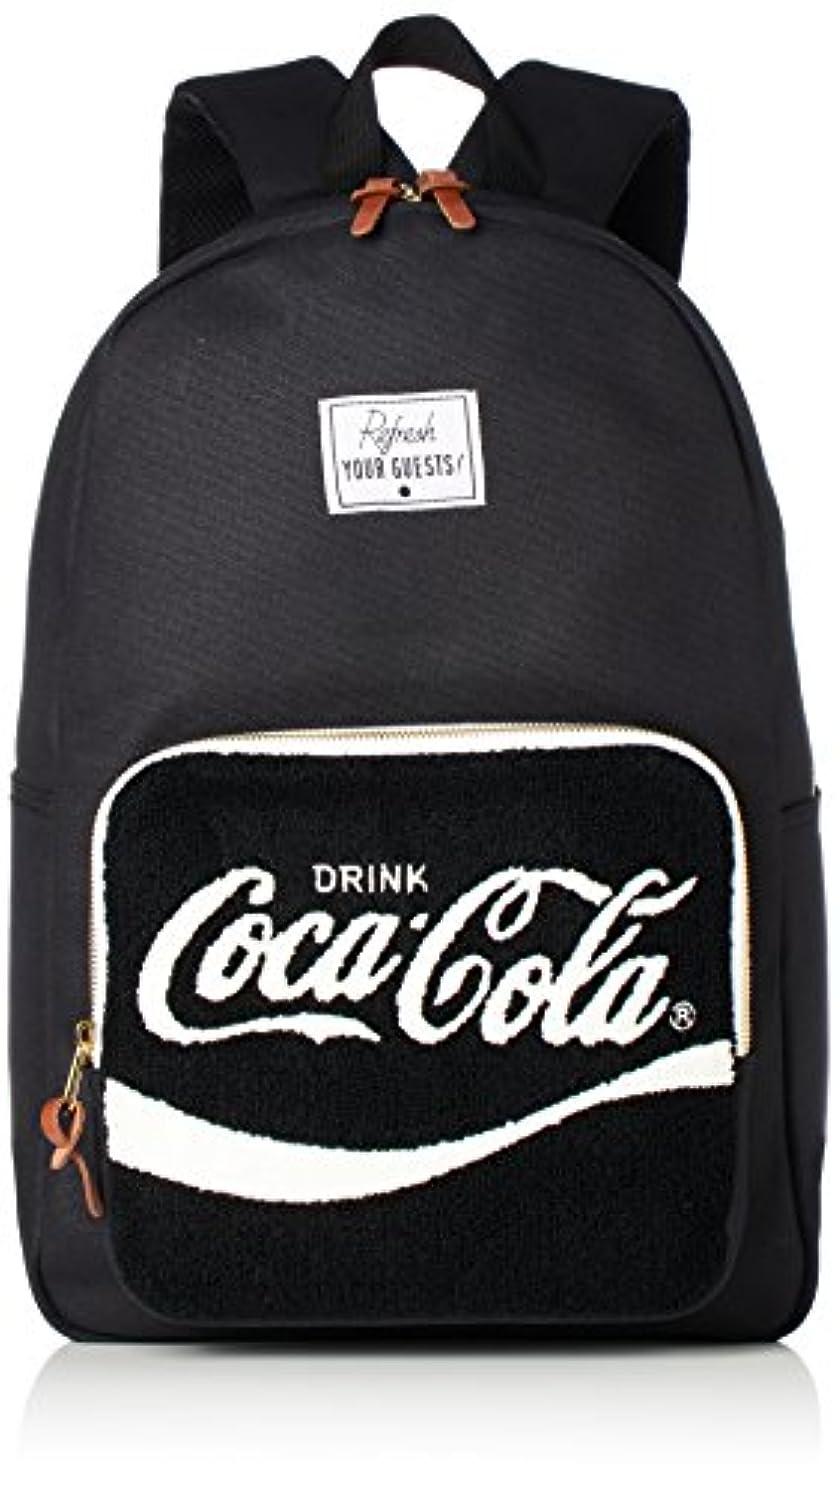 センター共同選択繊細[コカ?コーラ] コカ?コーラ リュック デイパック バックパック 鞄 コーラ さがら刺繍 ポケット付き 流行り おしゃれ かわいい 収納性 通学用 COK-MBBK11